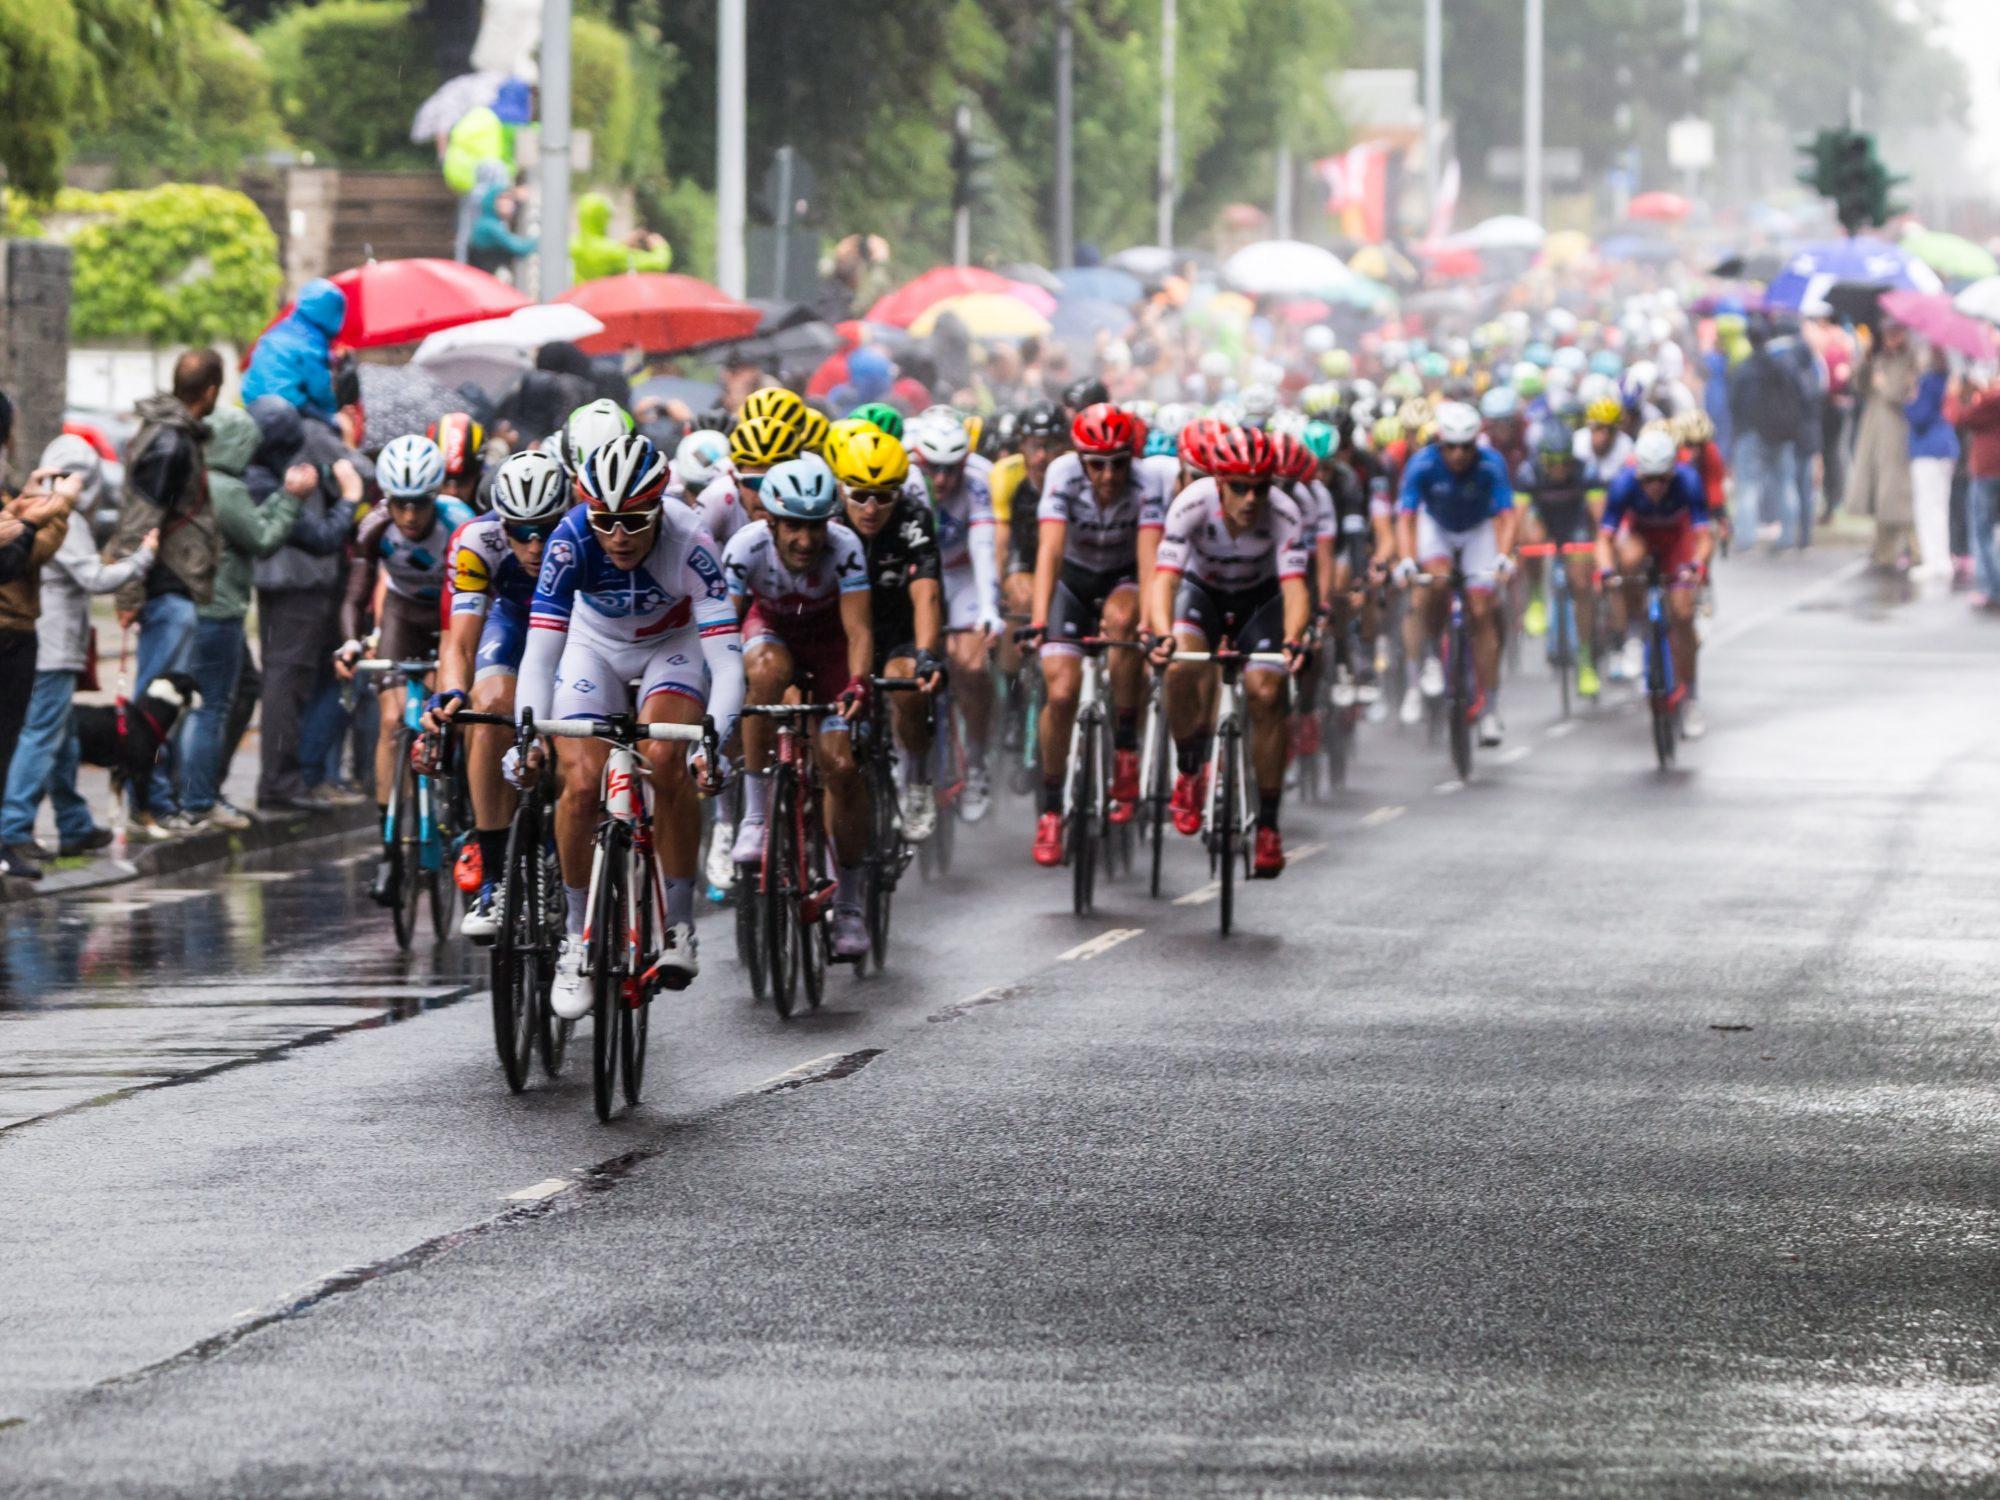 Tour de France peloton in rainy weather.